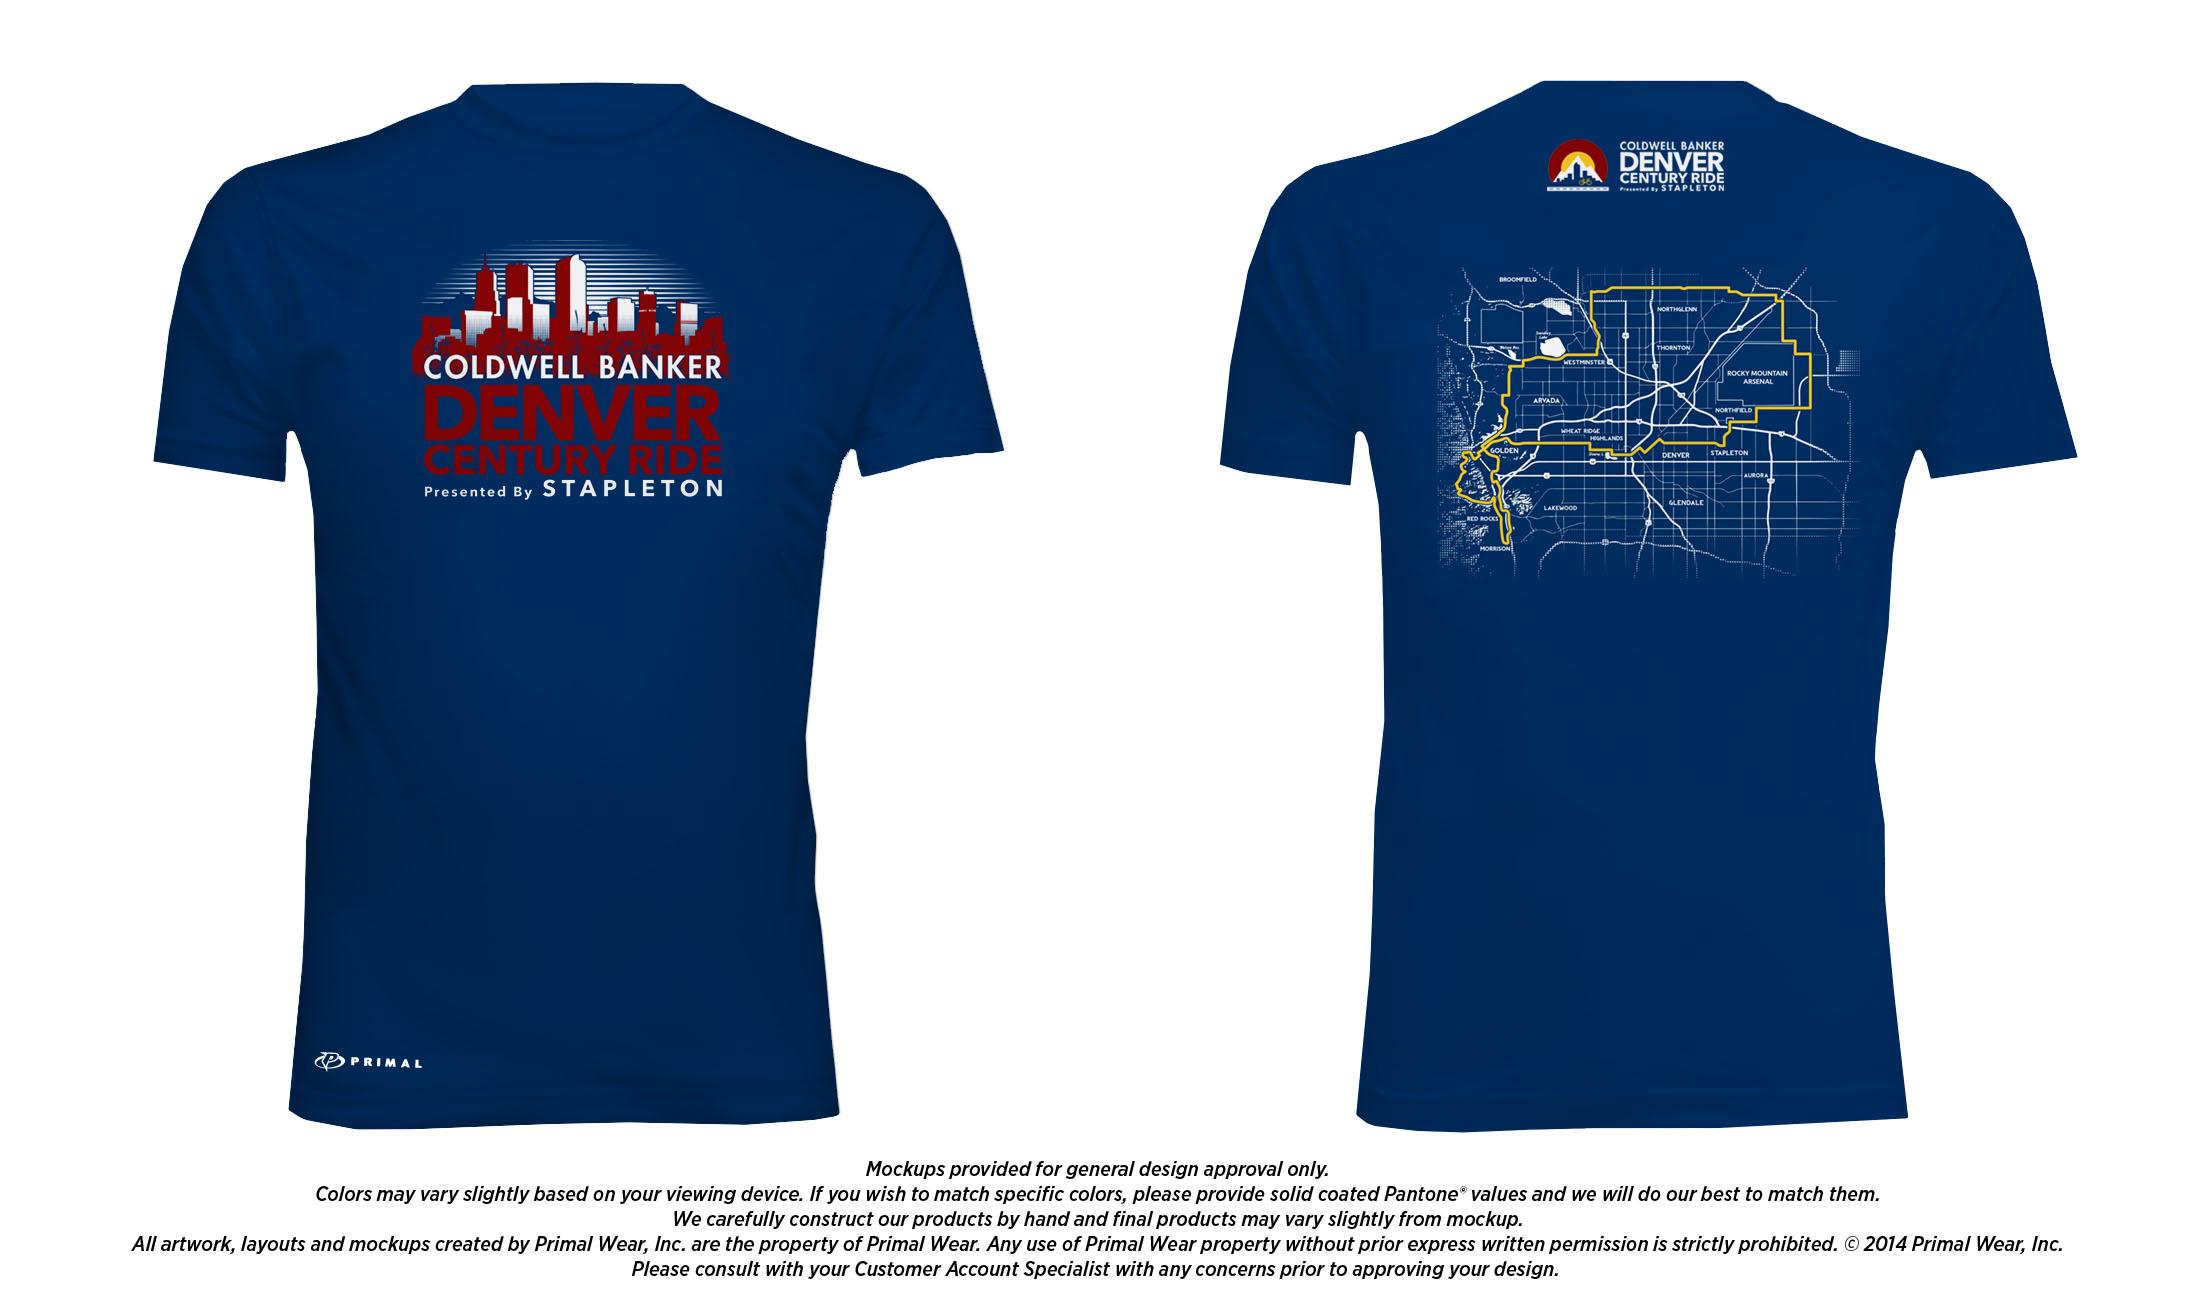 DCR 2015 T-Shirt